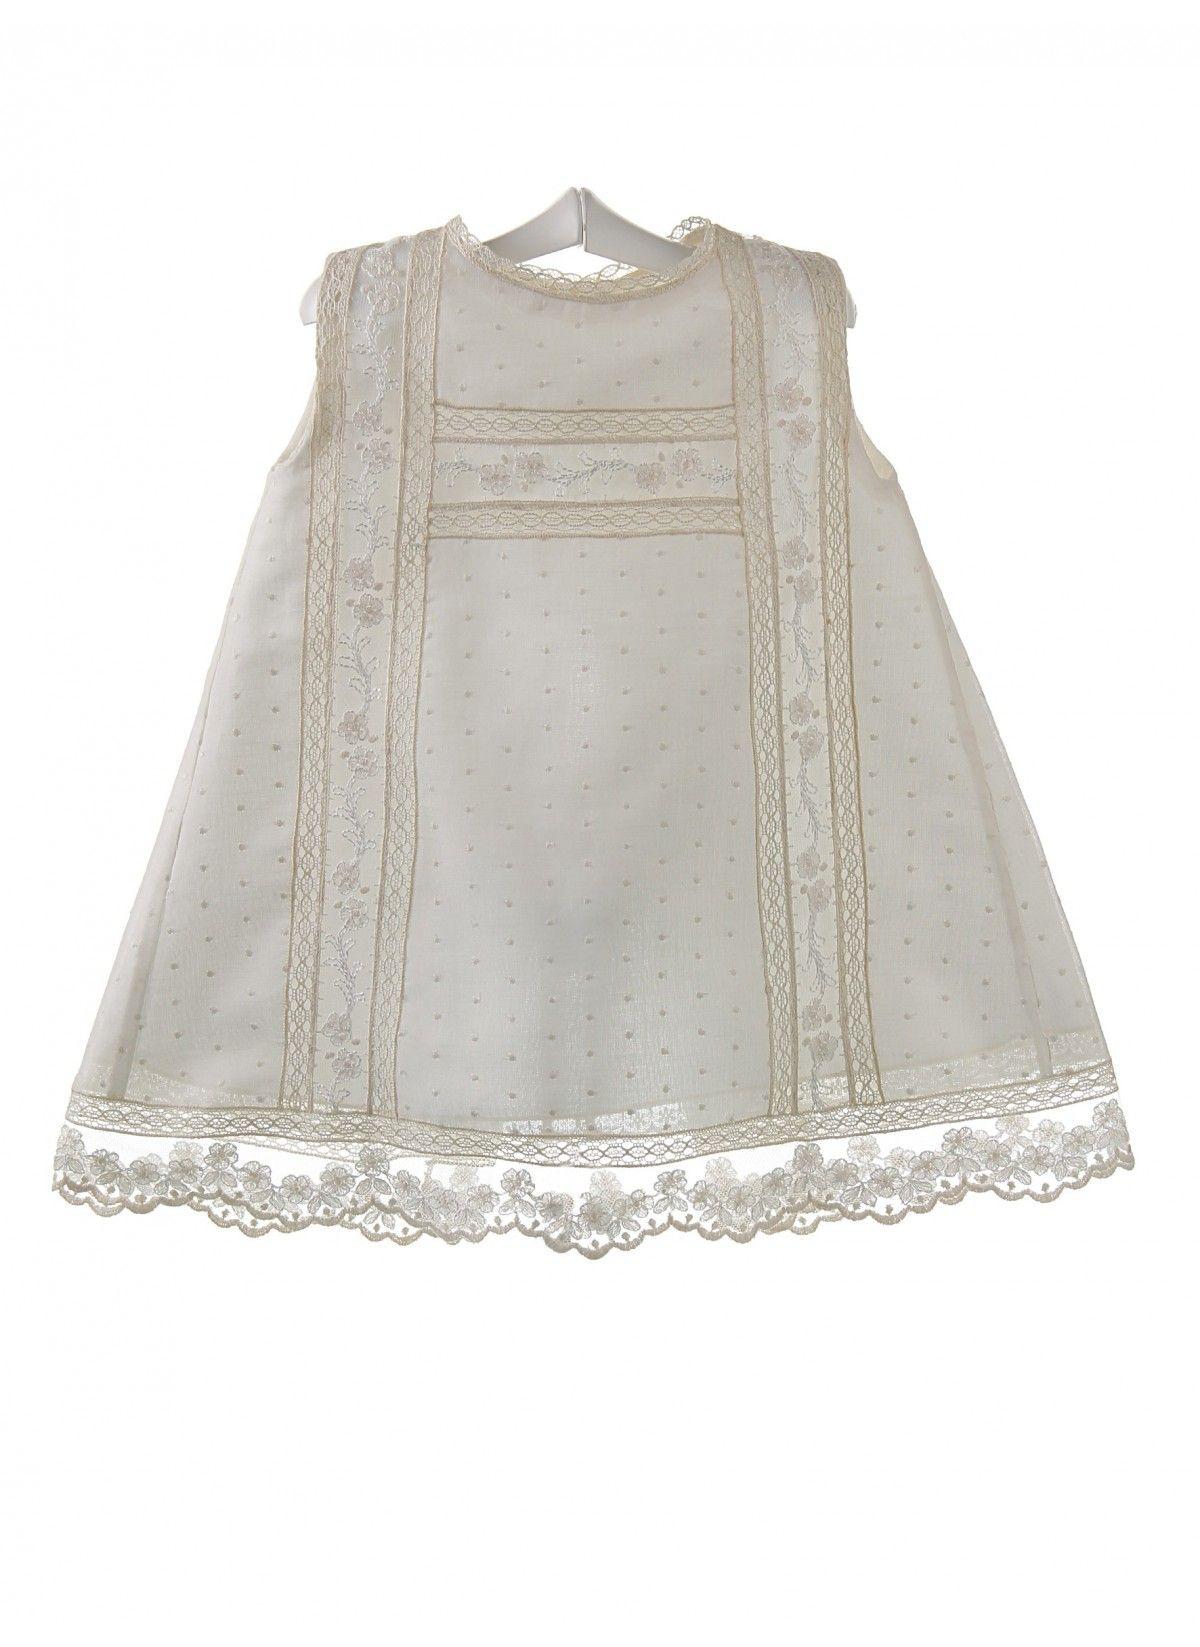 Vestido de plumeti para bautizo y ceremonia de bebé | Pinterest ...